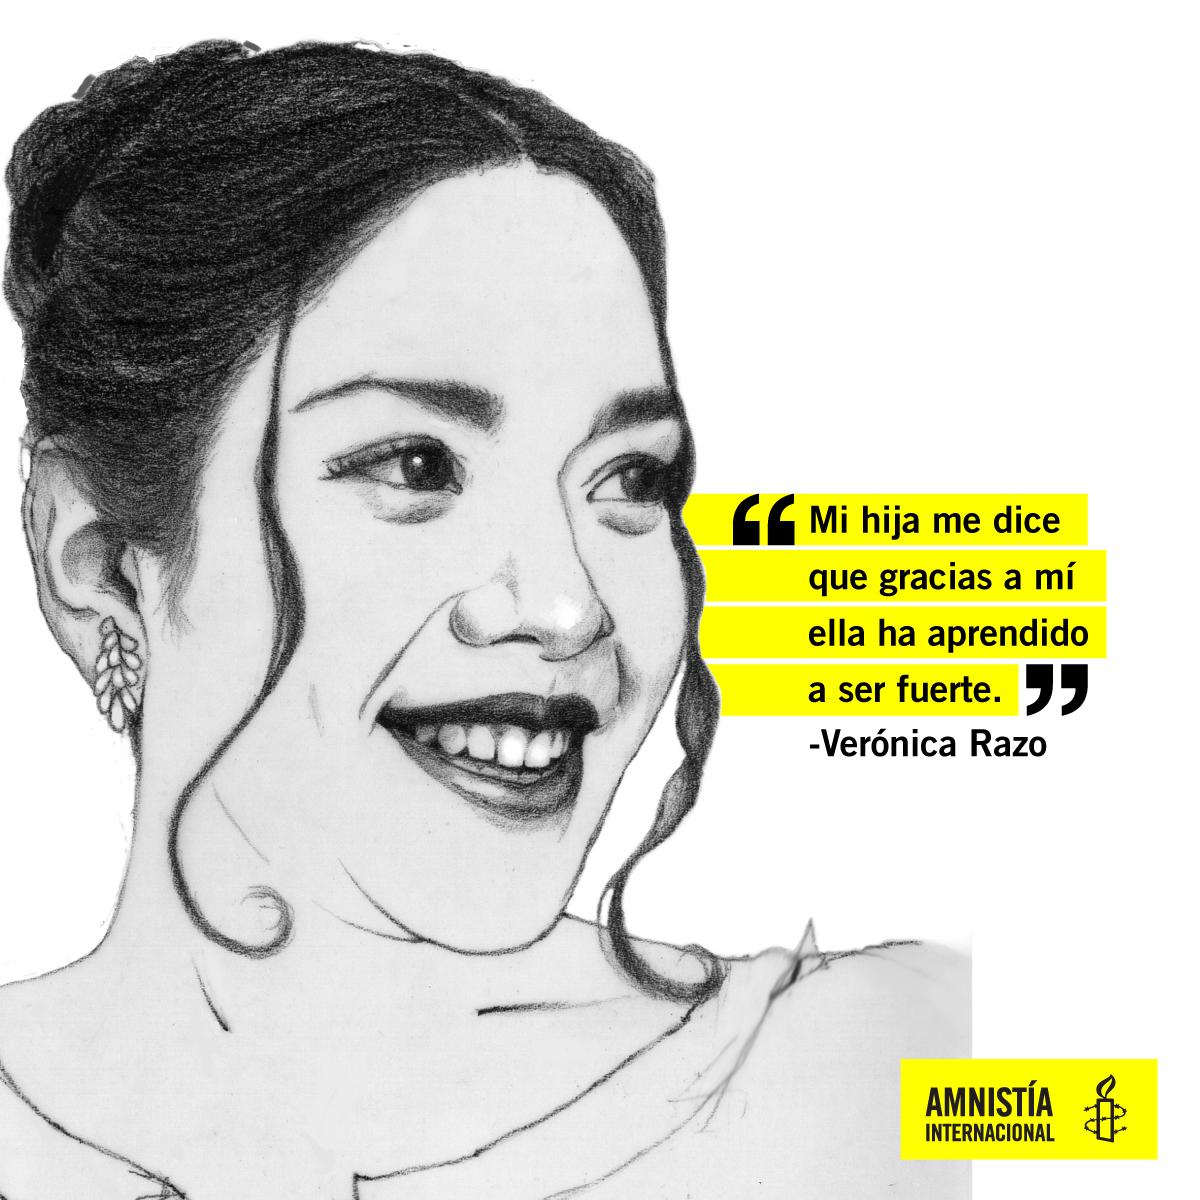 Verónica Razo, mexicana sobreviviente de tortura cumplirá 6 años en prisión sin sentencia